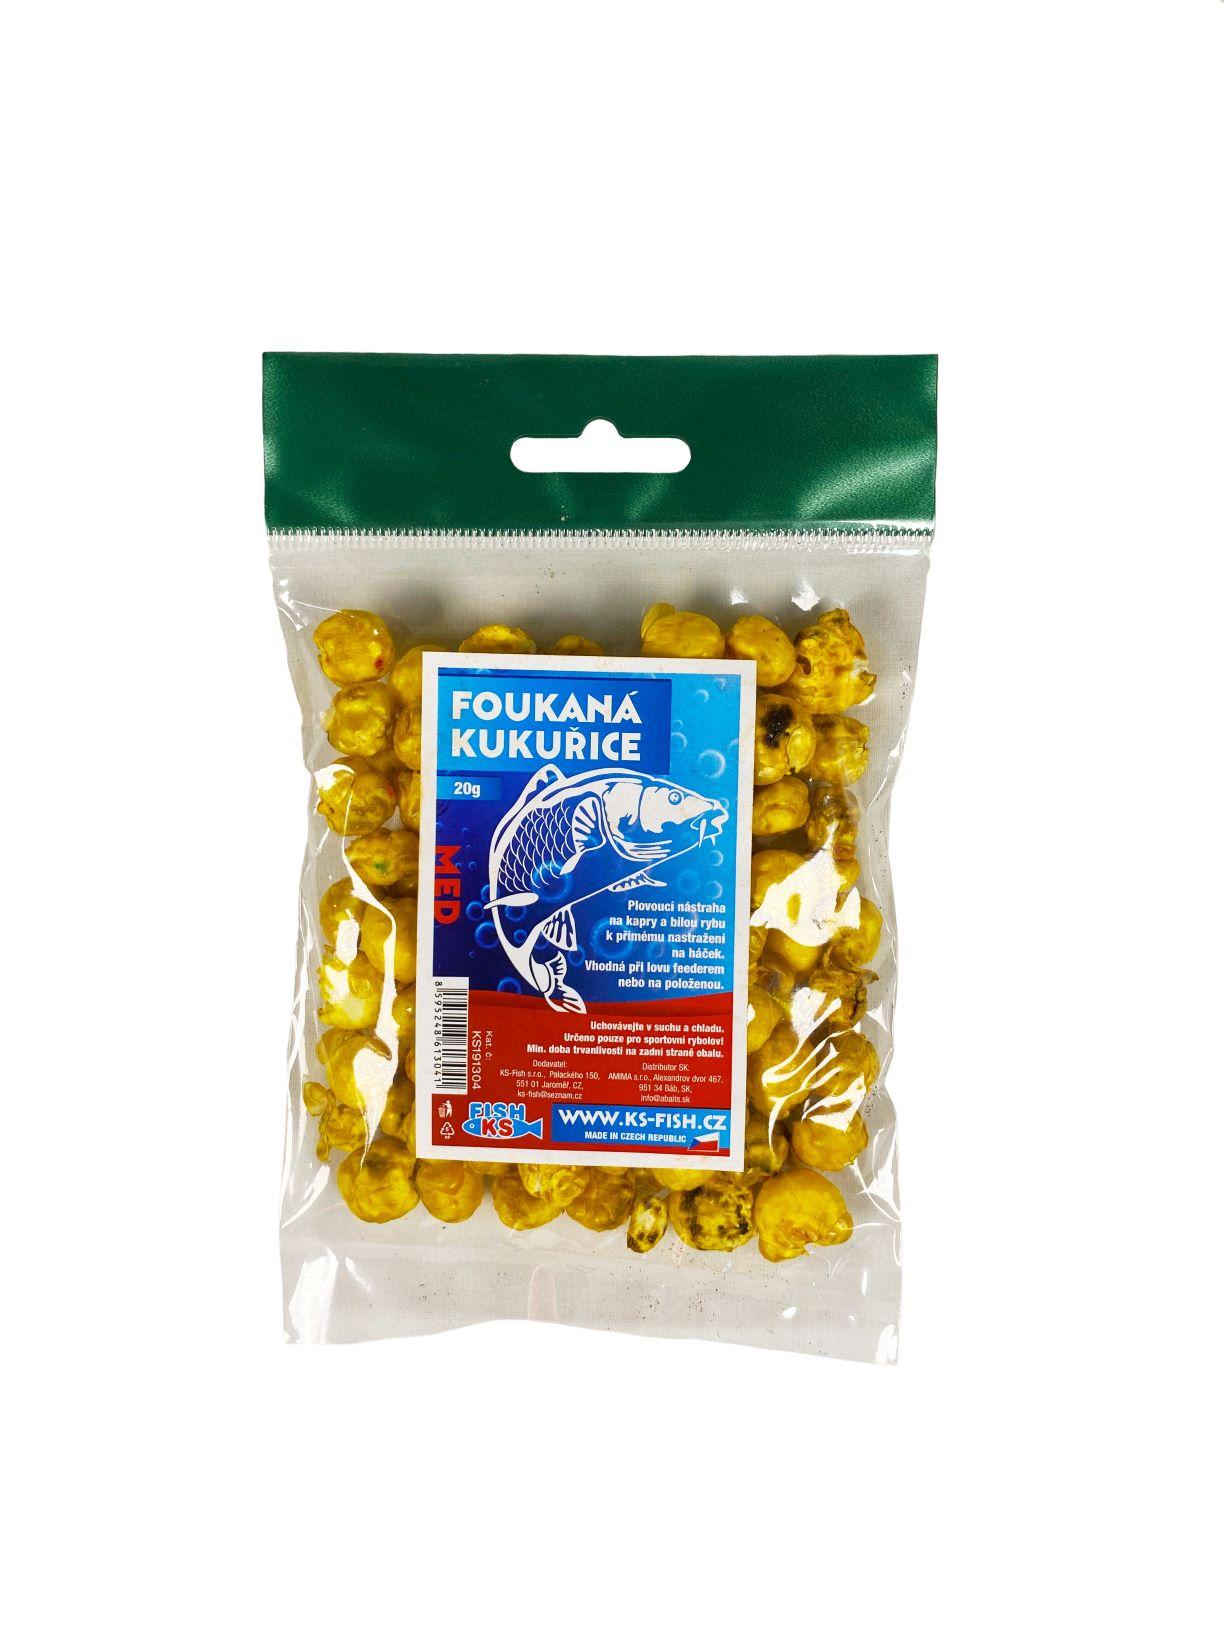 KS Fish foukaná kukuřice 20g, med